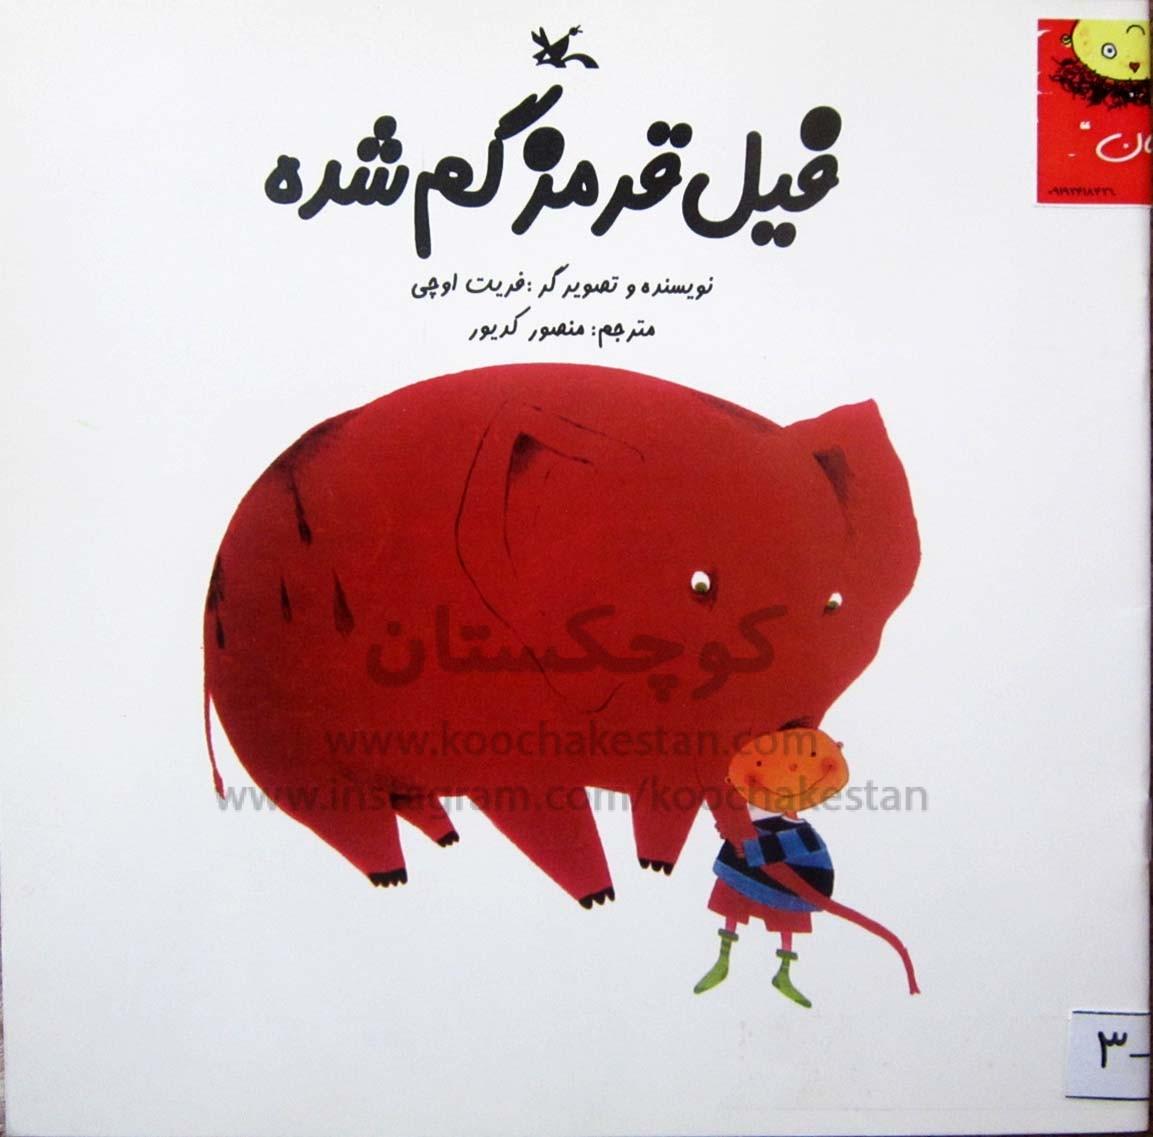 فیل قرمز گم شده - کتابخانه کودک - کوچکستان